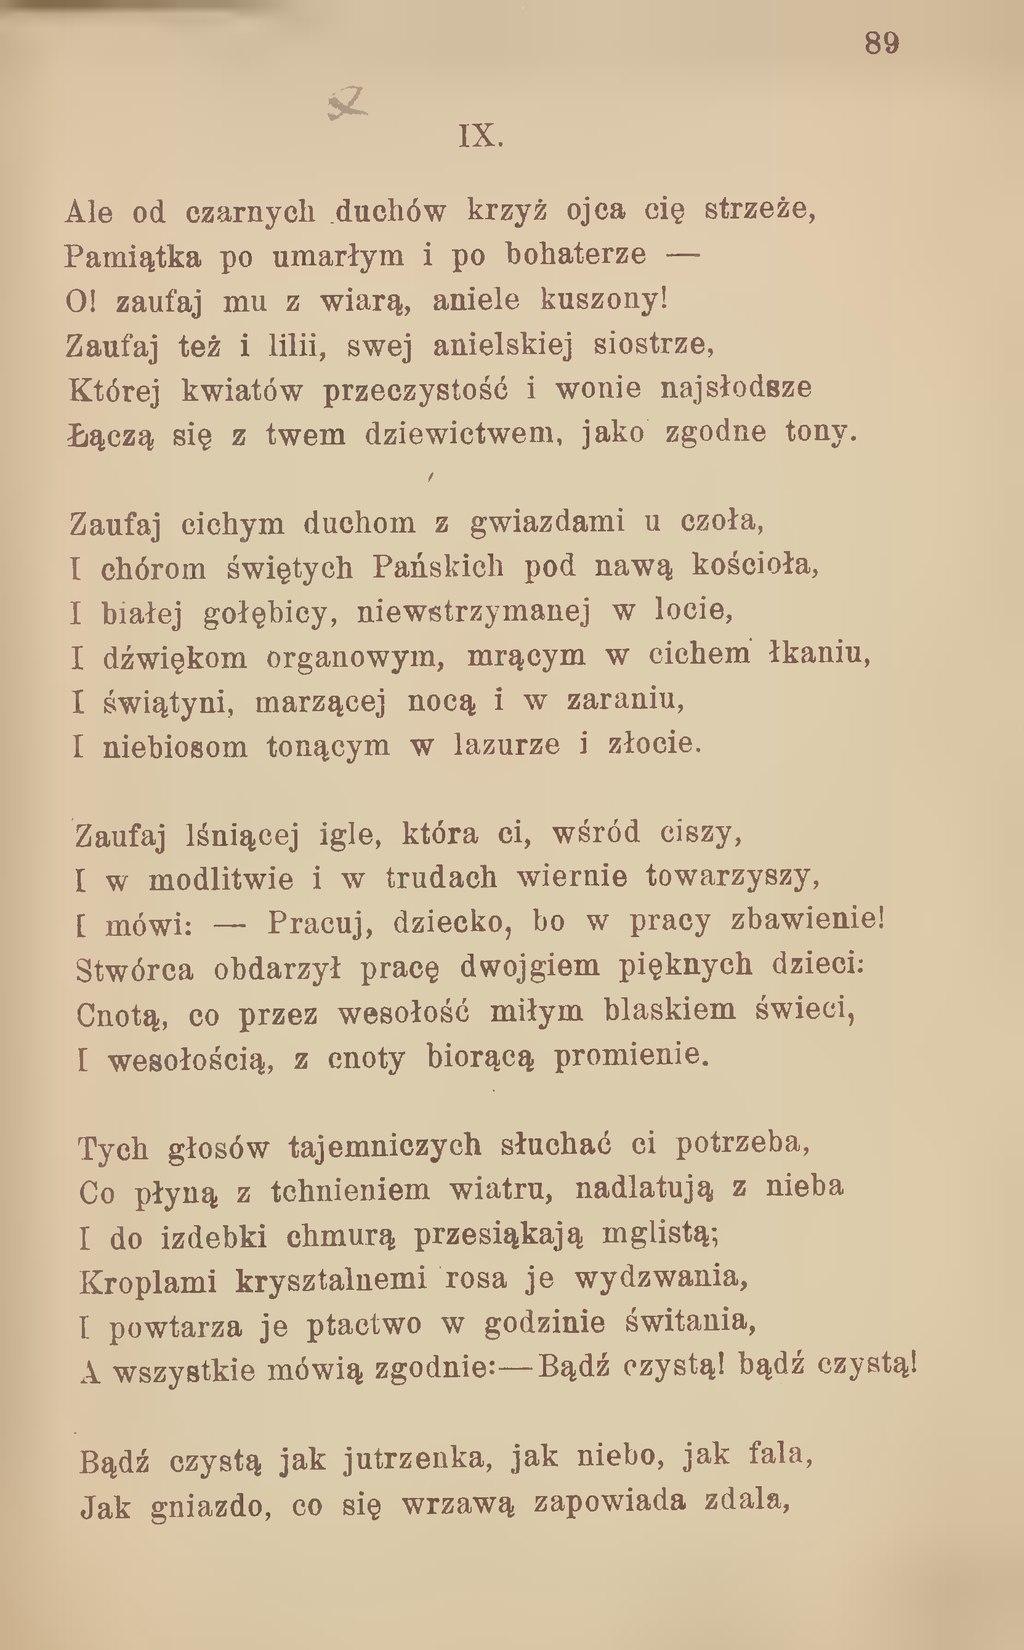 Stronagomulickiego Wiktora Wiersze Zbiór Nowydjvu92